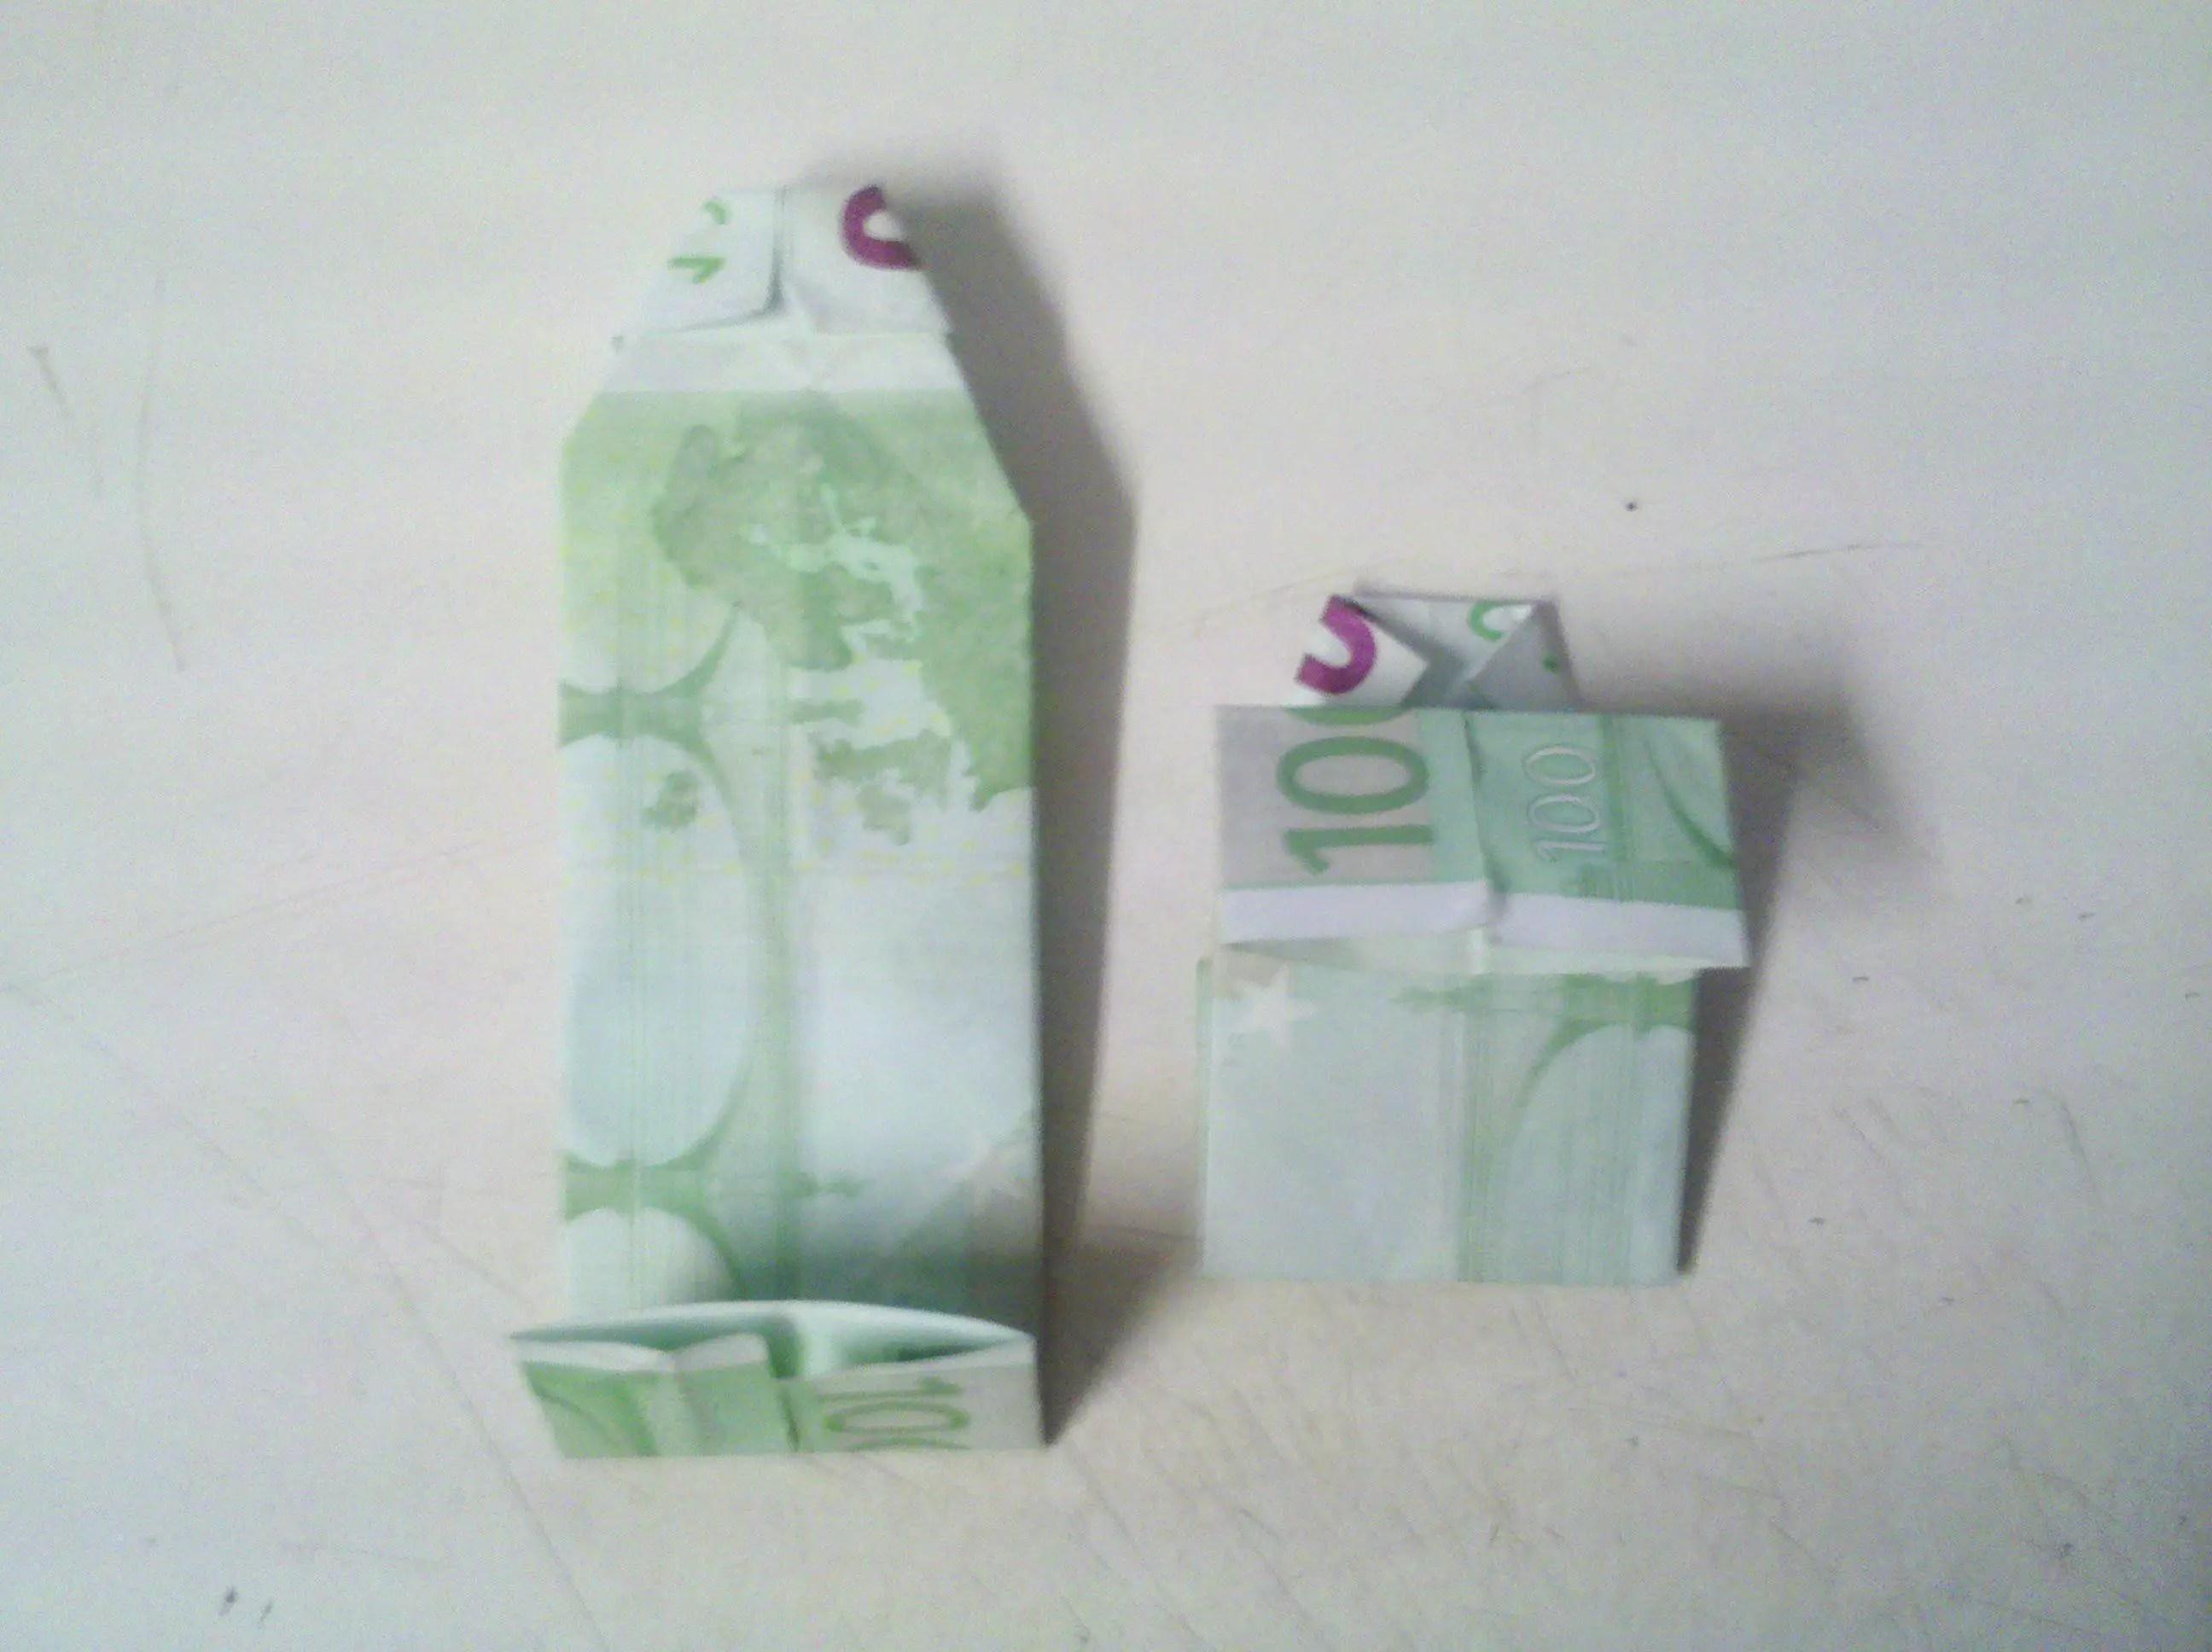 Hemd Aus Geldschein Falten Origami Mit Geldscheinen